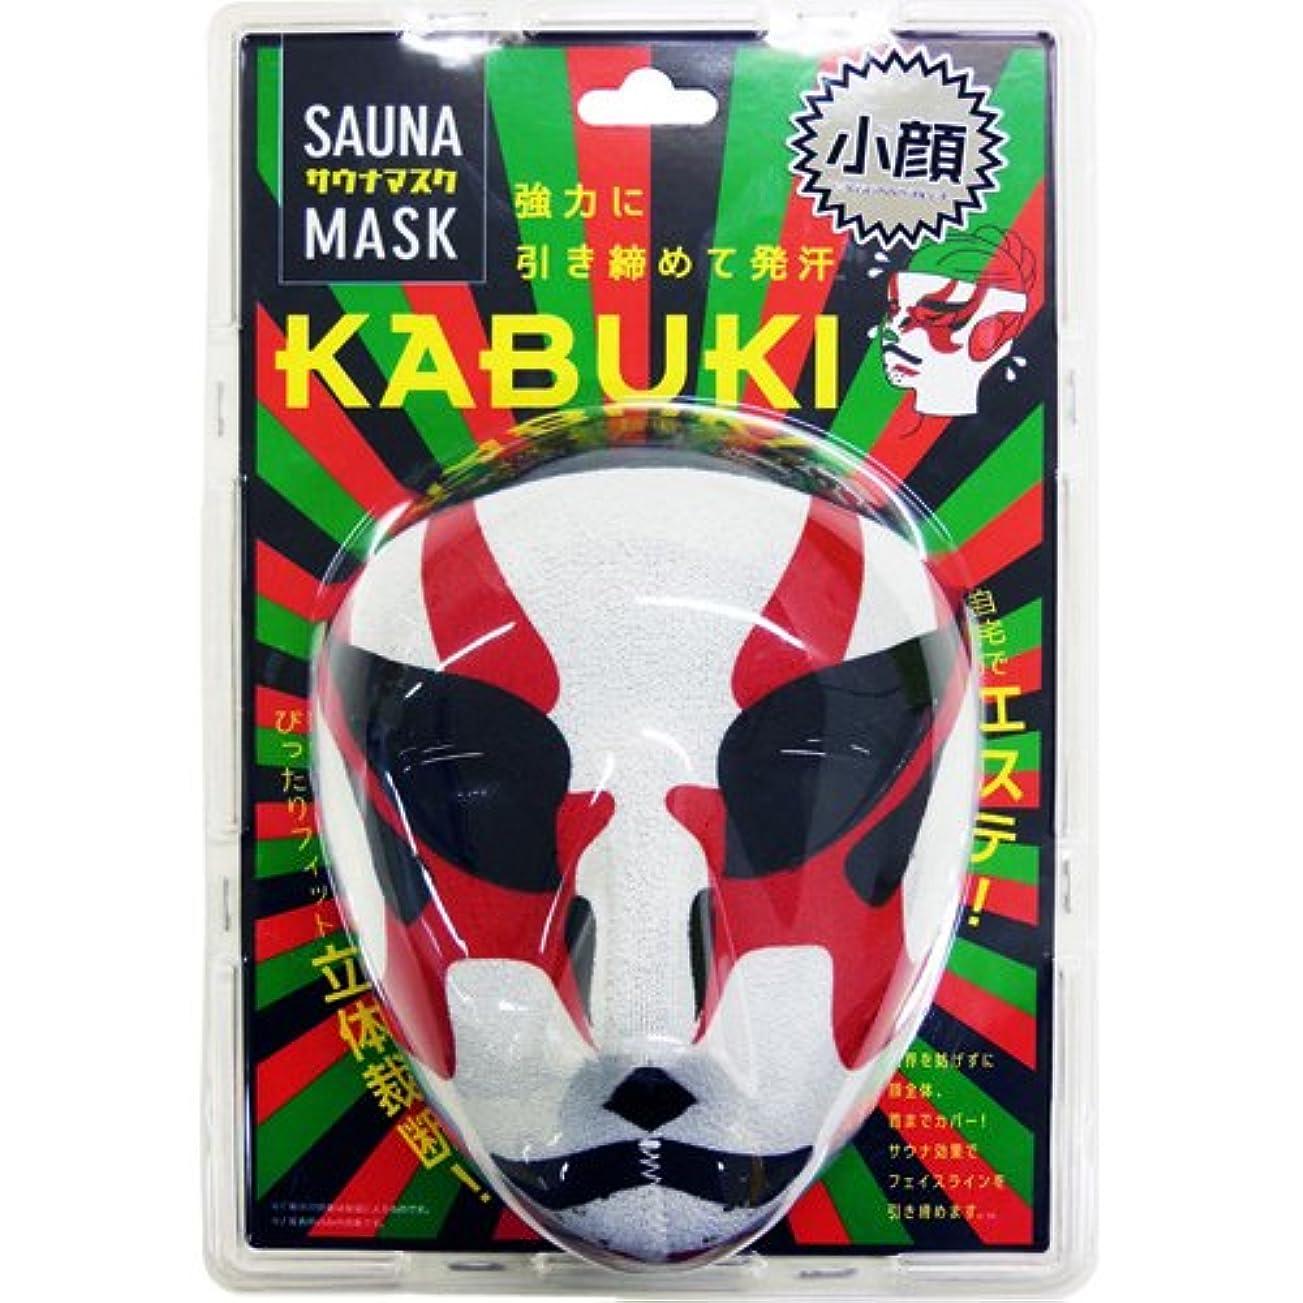 有彩色の不承認持っているコジット サウナマスク KABUKI (1個)